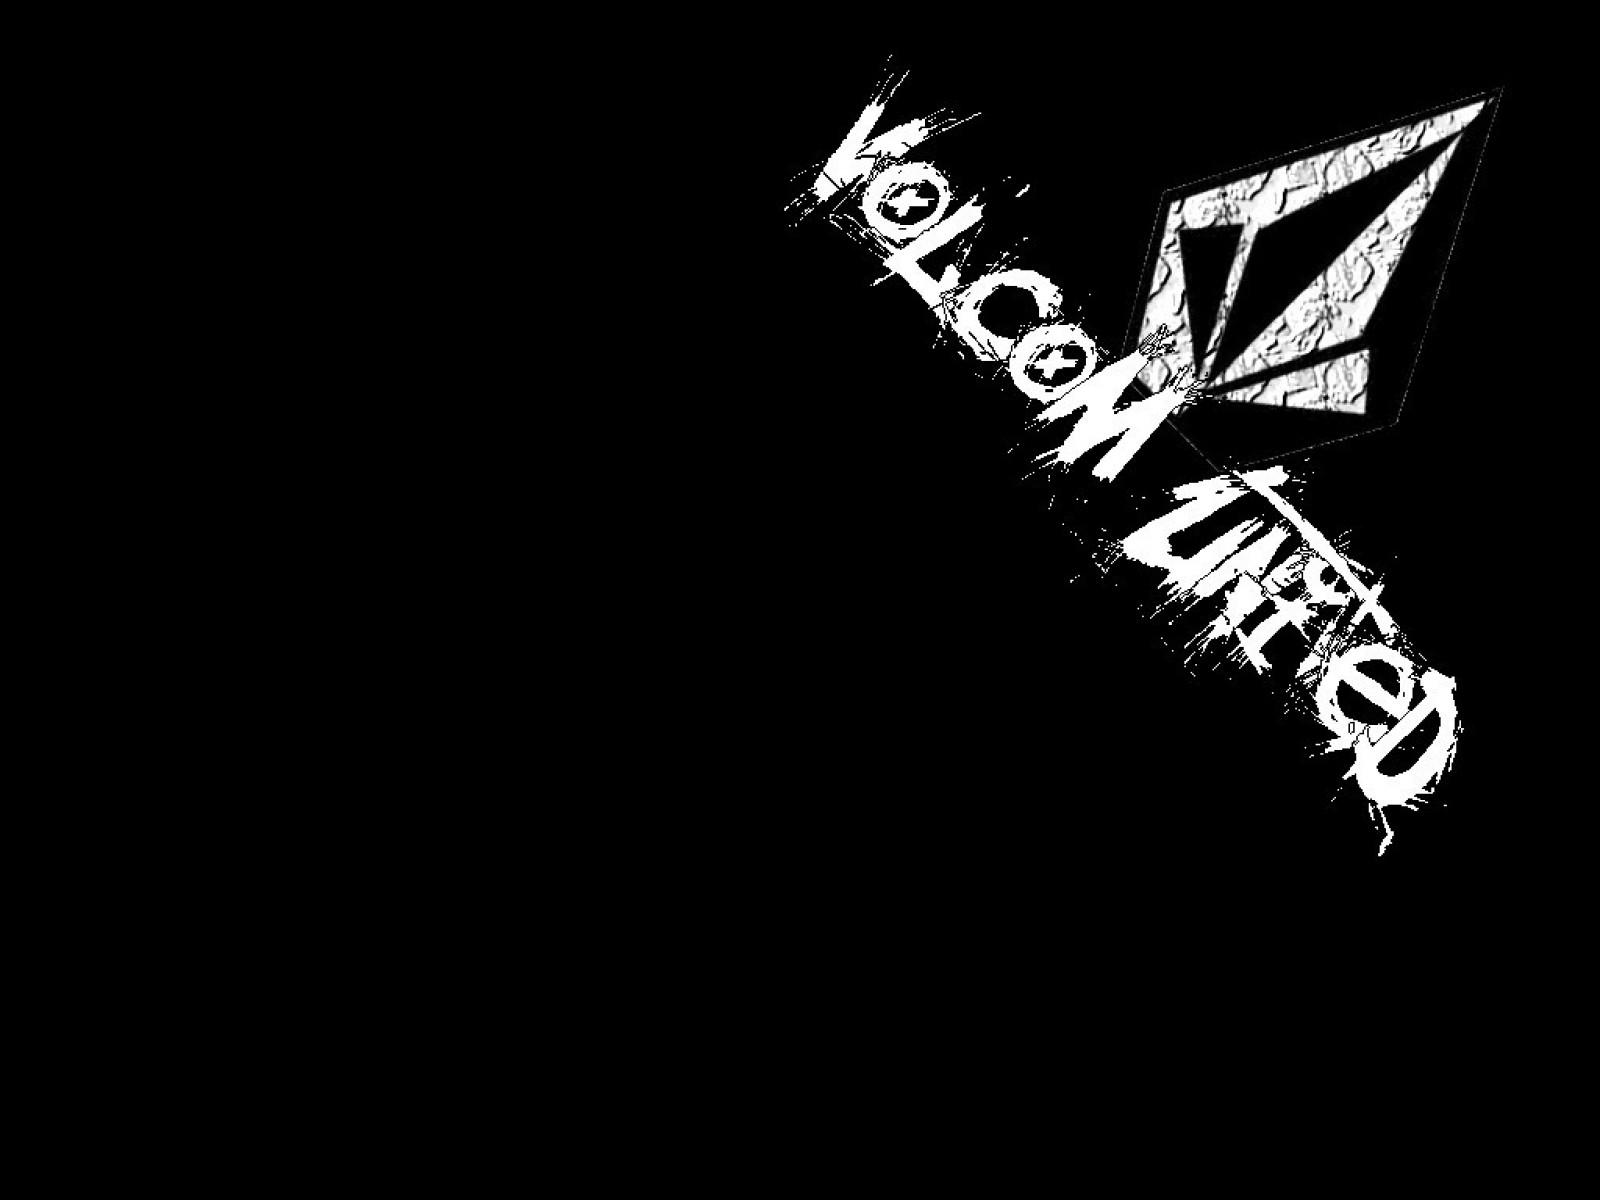 volcom logo wallpaper wallpapersafari